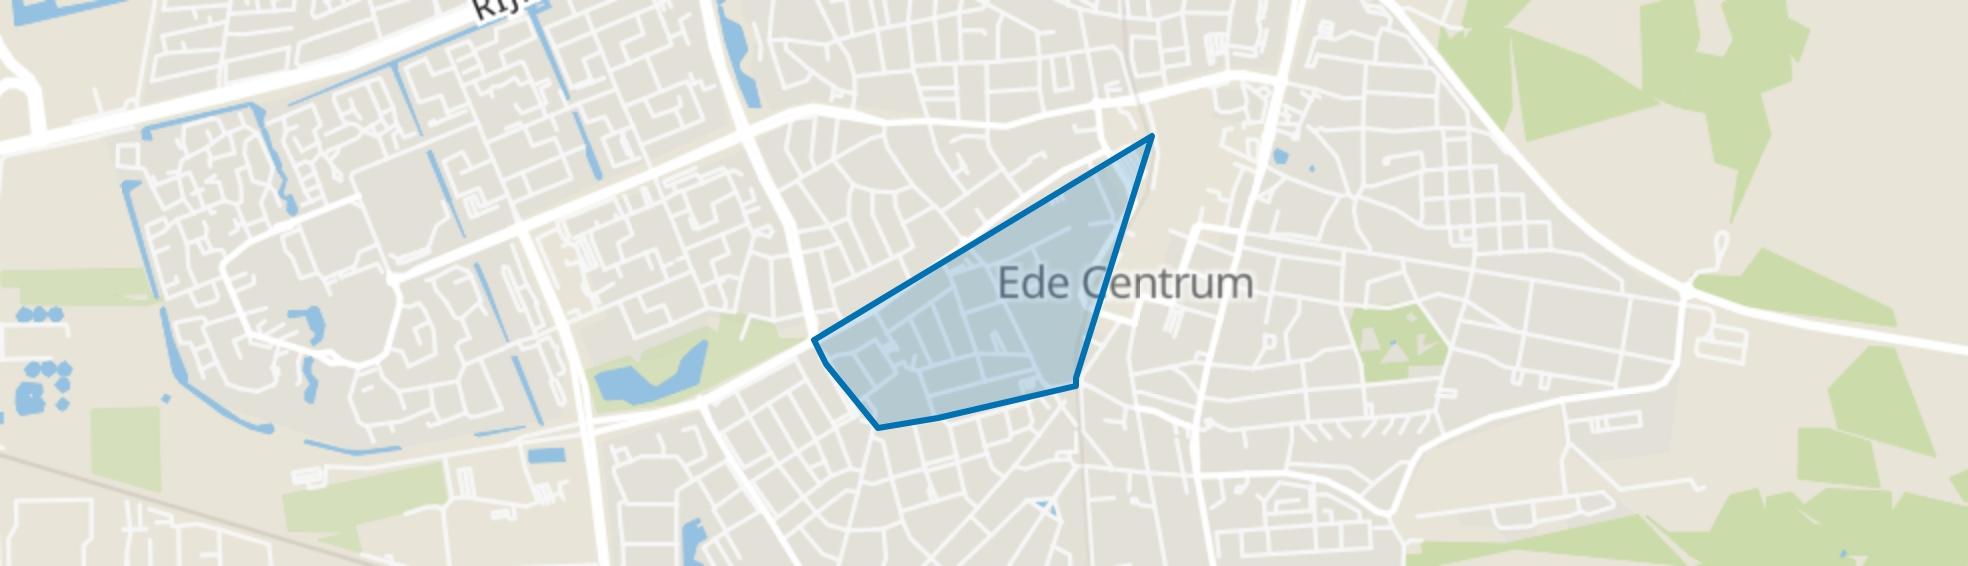 Vogelbuurt, Ede map